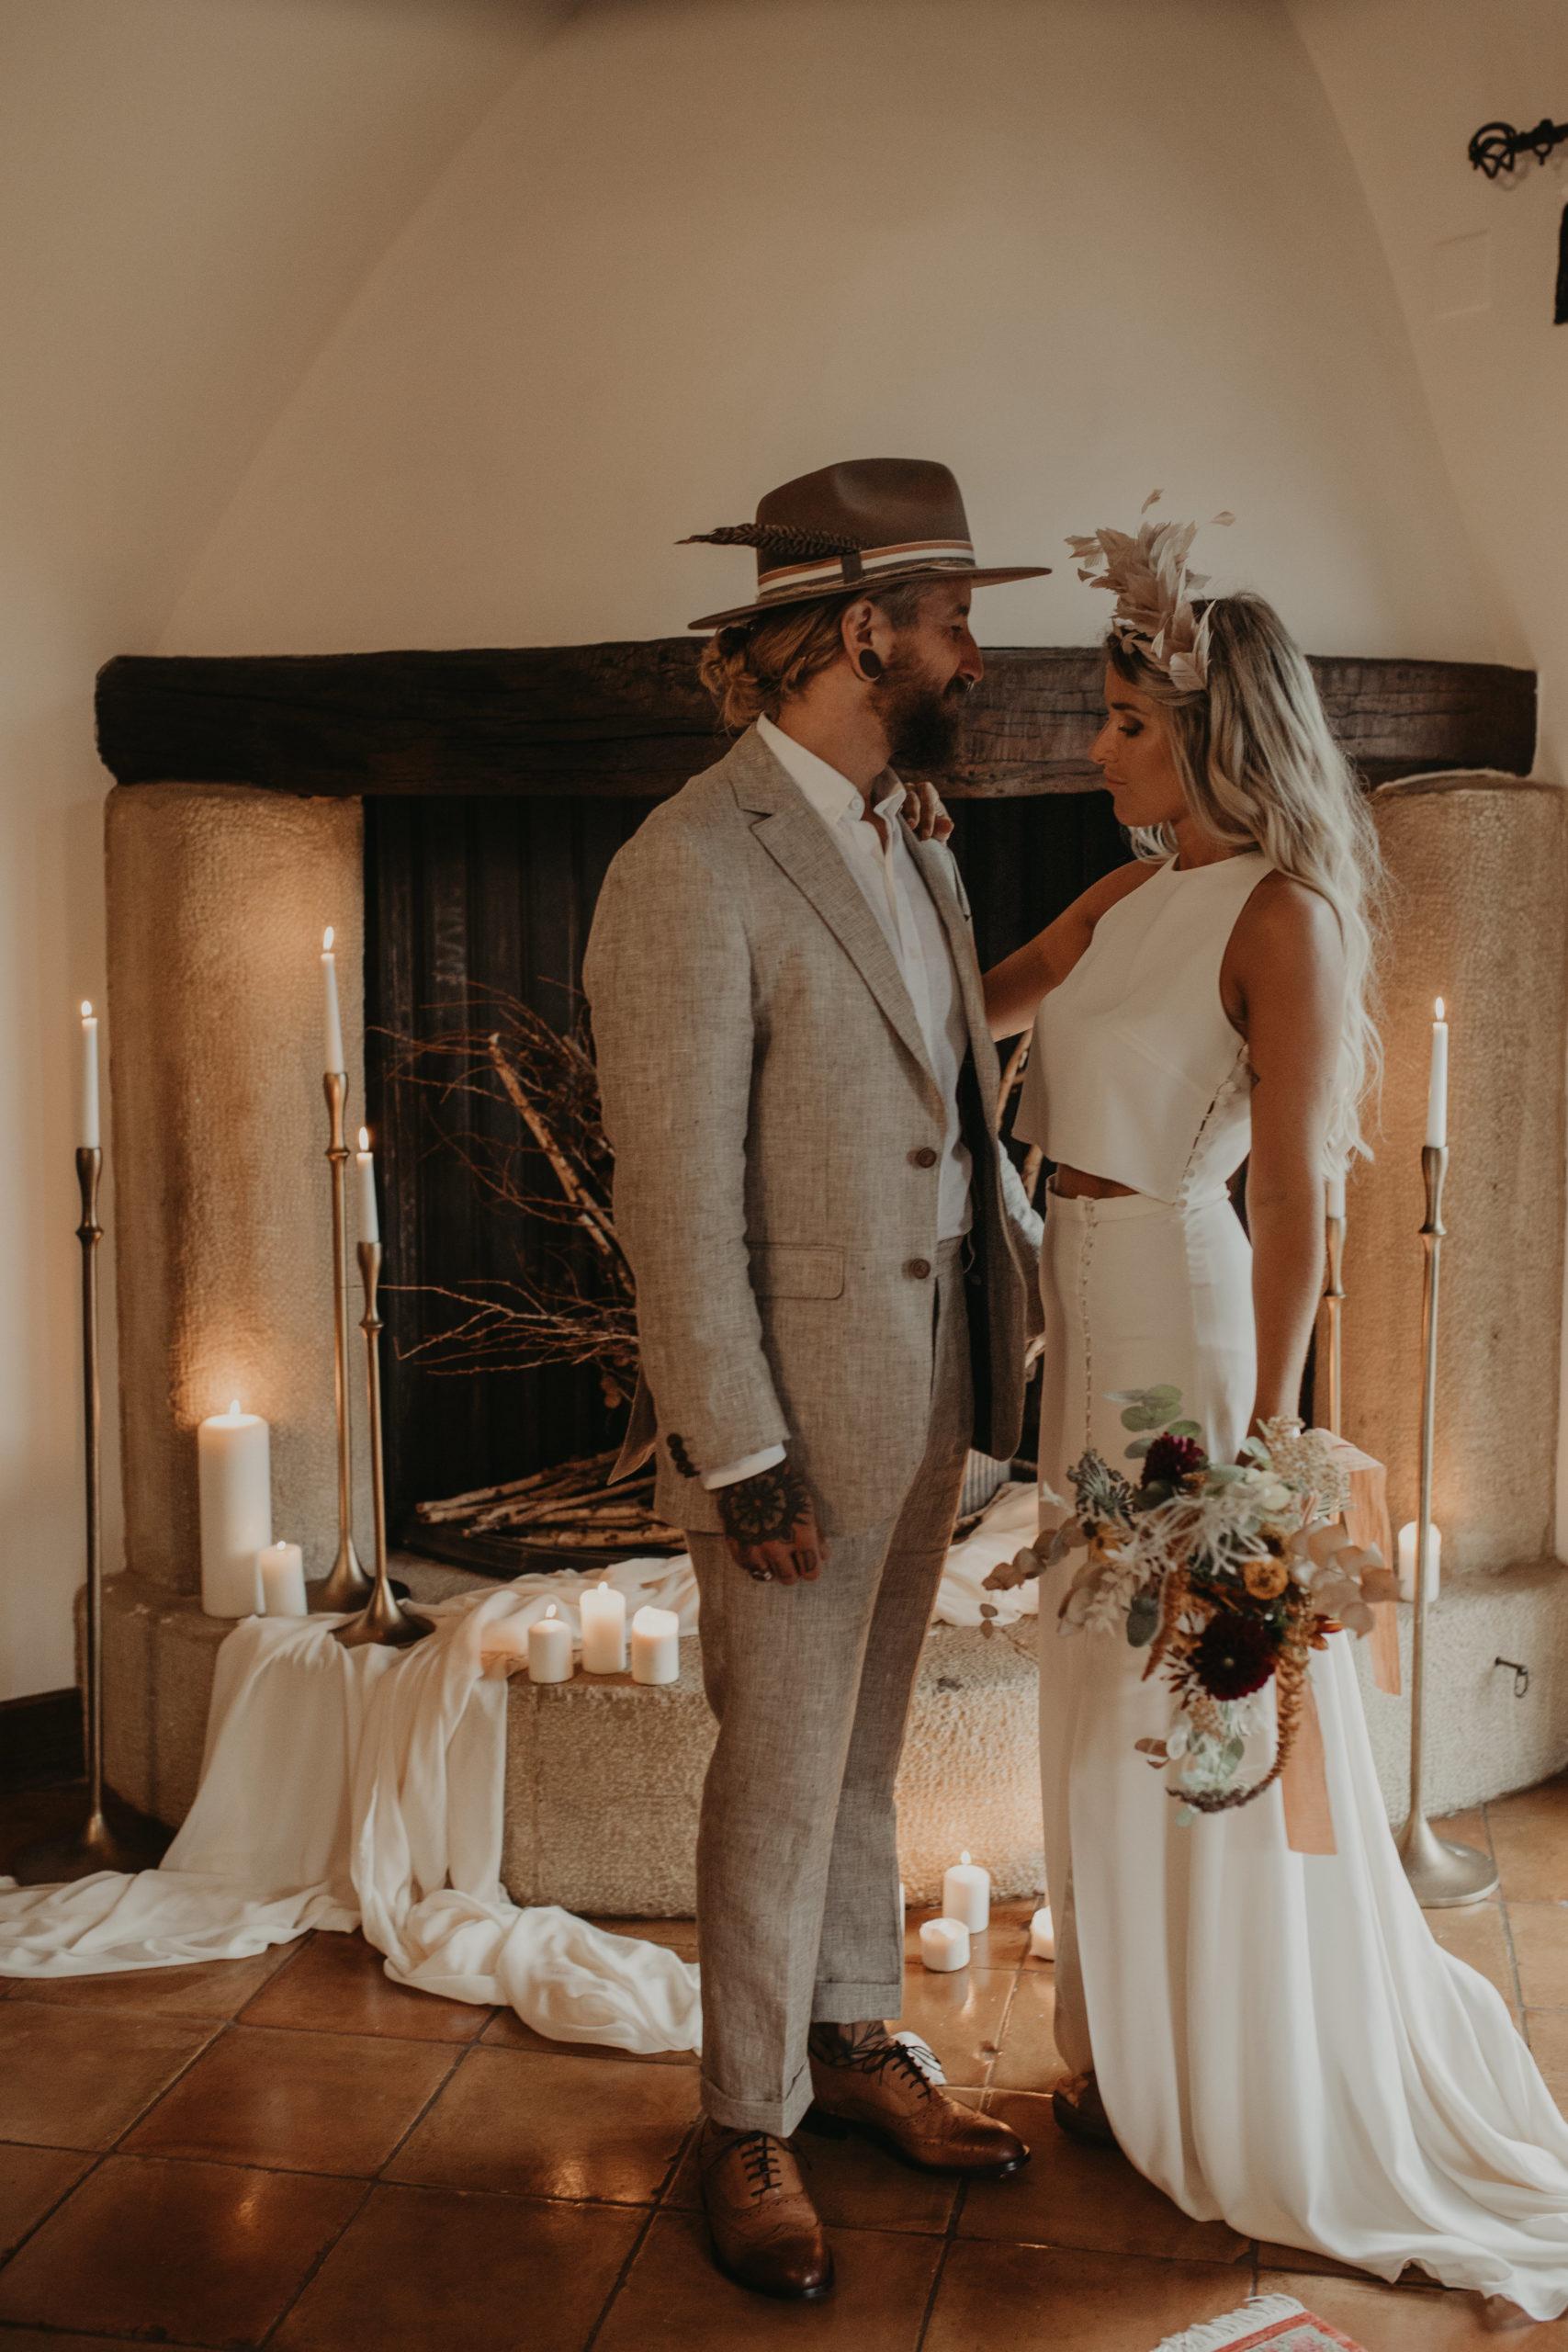 Posado de pareja de novios frente a una chimenea llena de candelabros